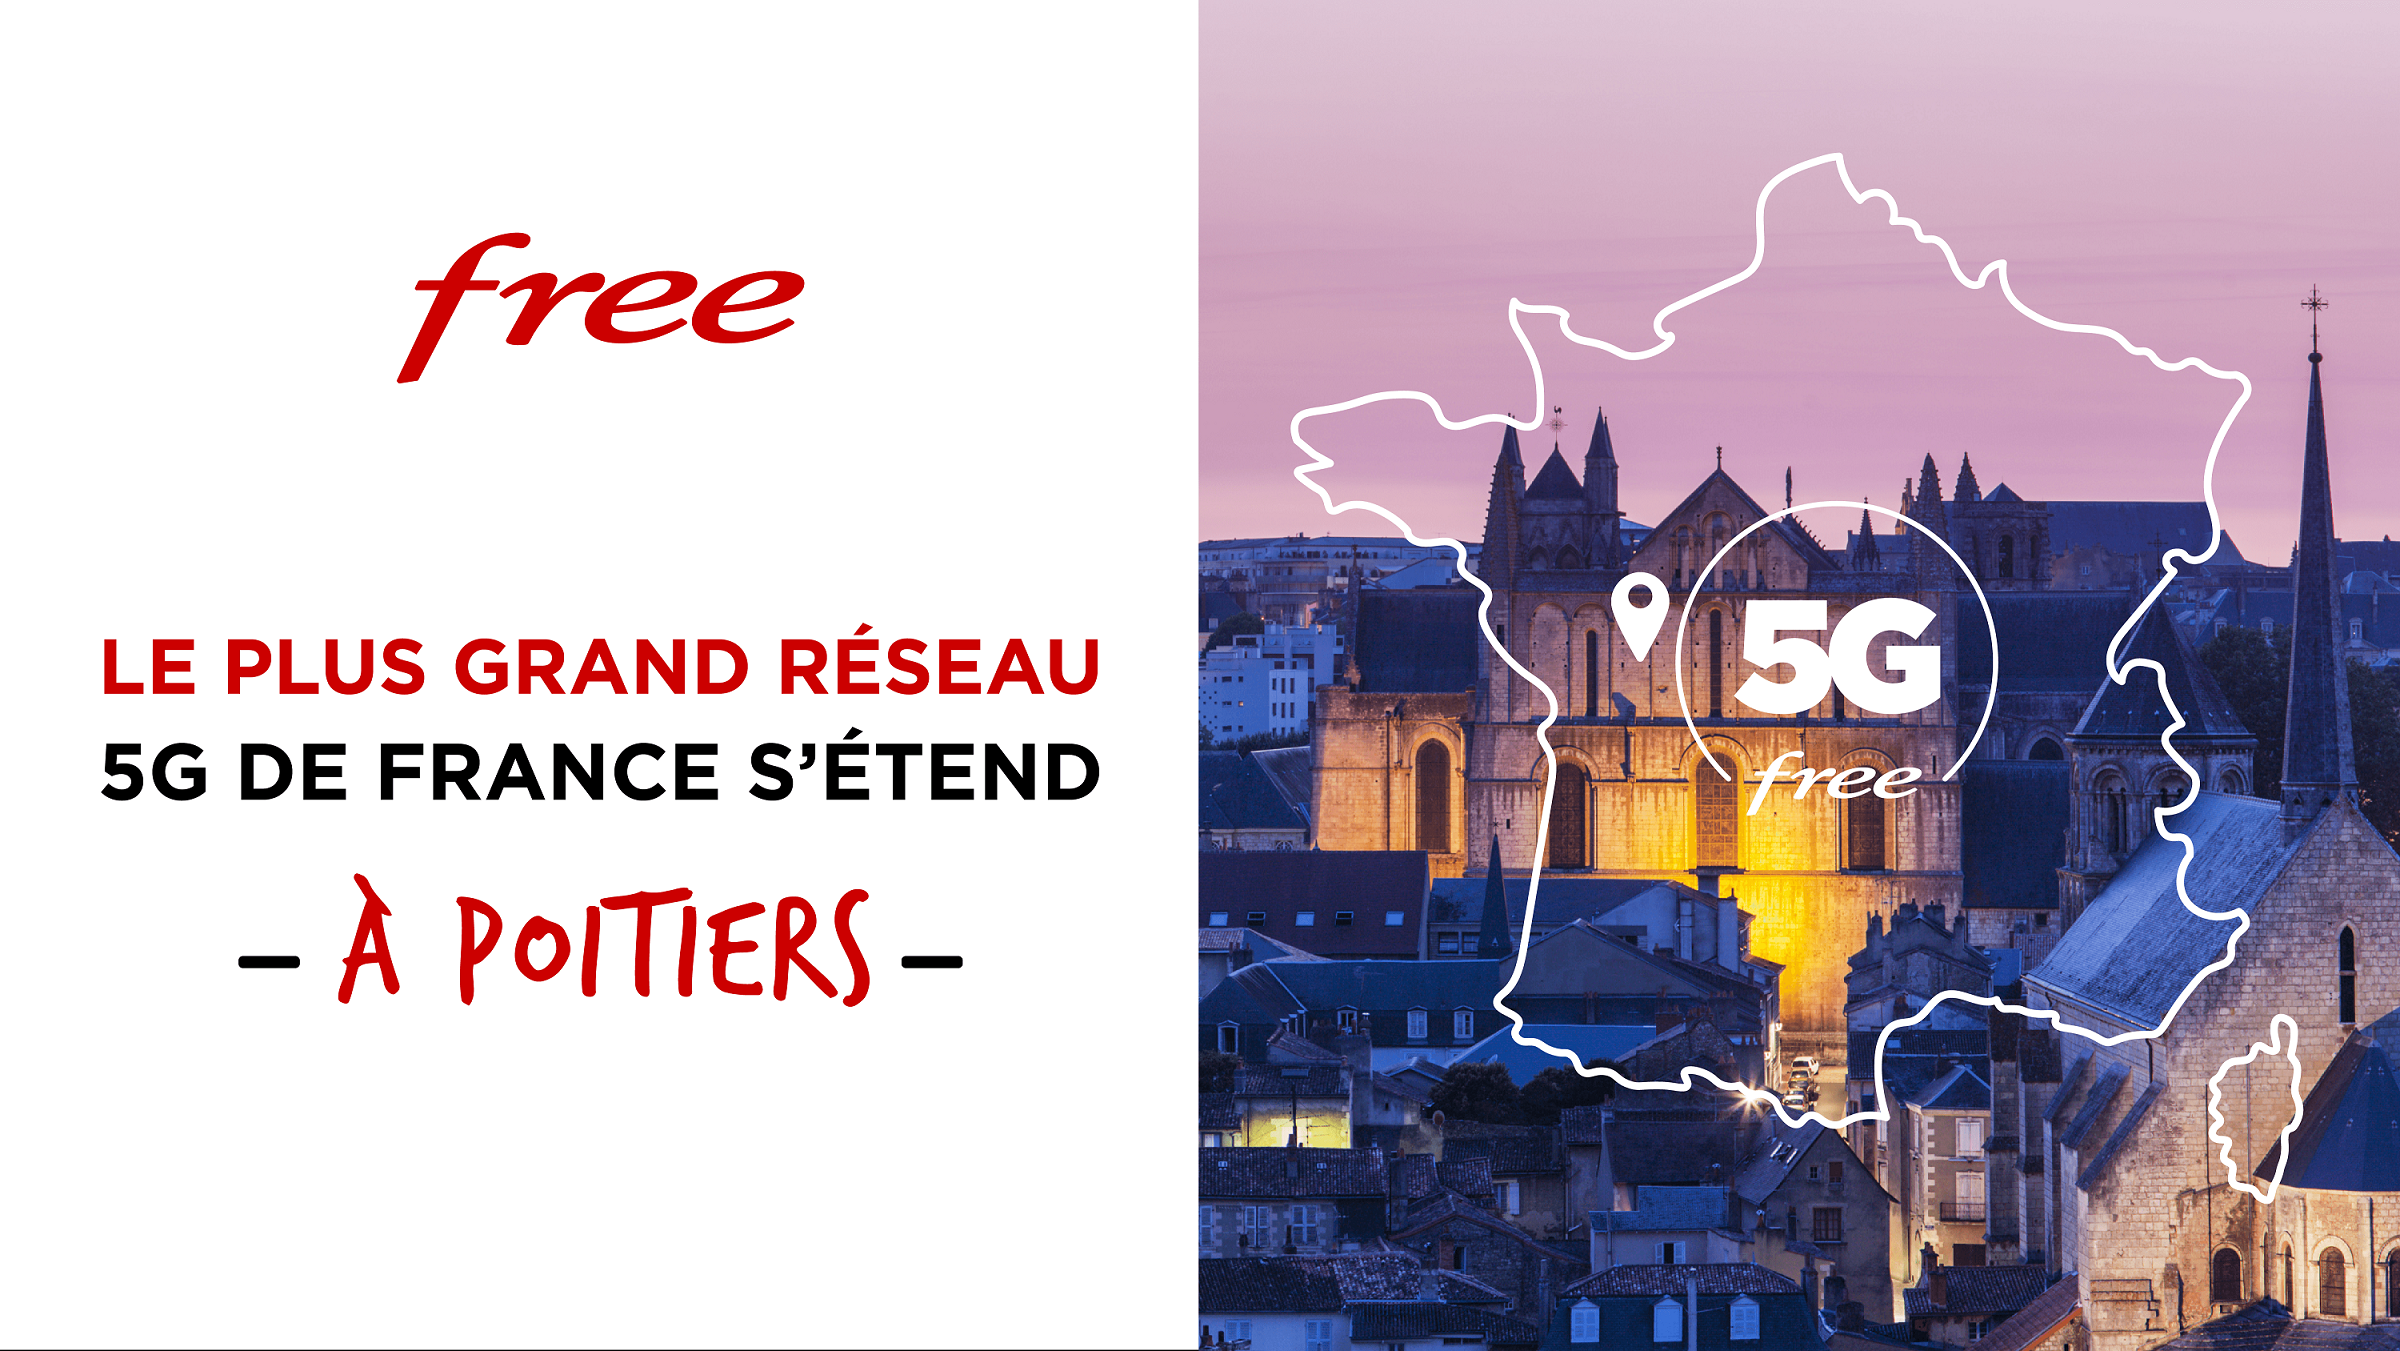 Le réseau 5G de Free s'étend à Poitiers